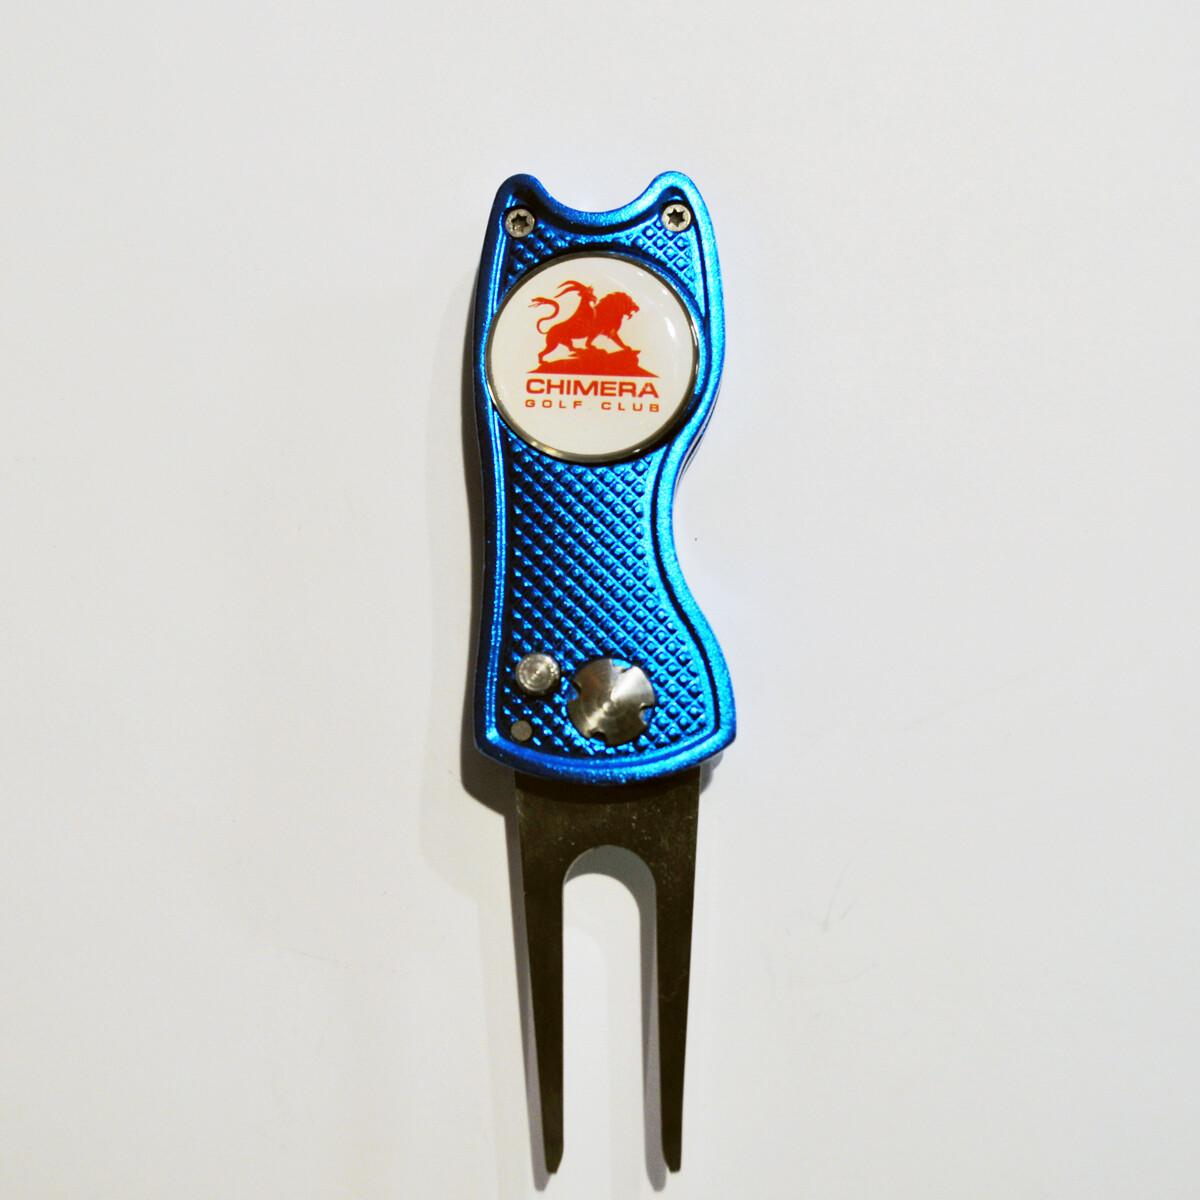 Switchblade Divot Tool - American Golf Gear - Blue